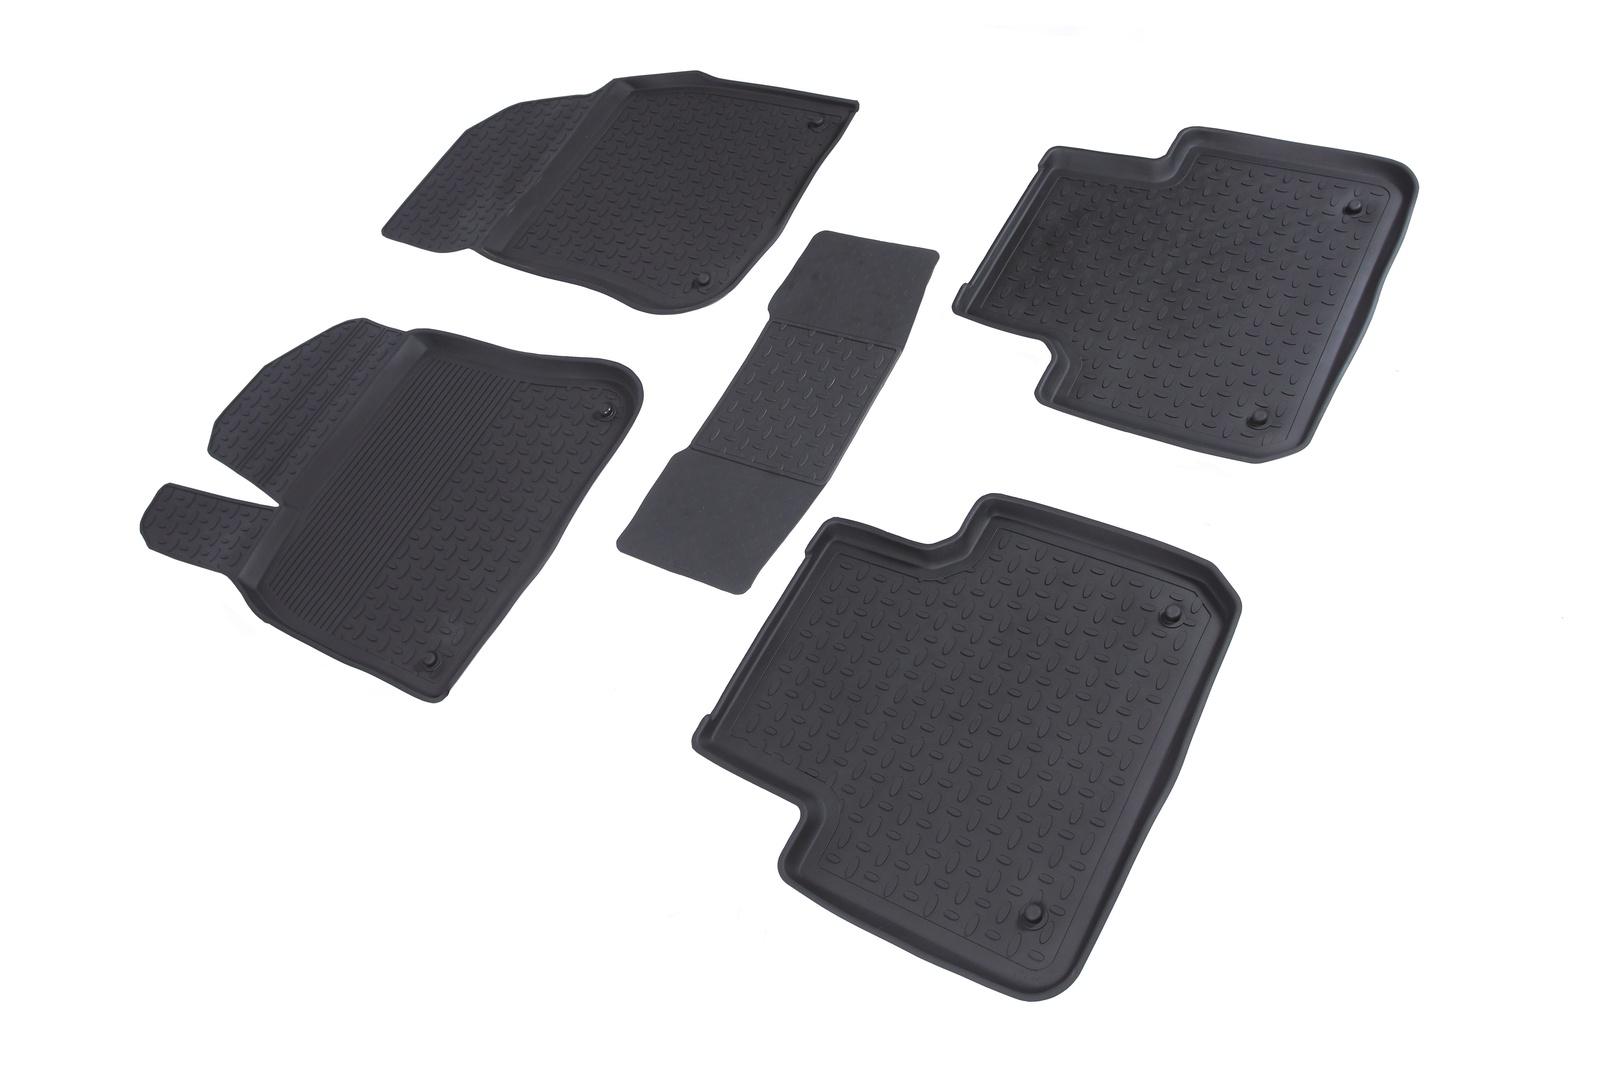 Коврики в салон автомобиля Seintex Резиновые коврики с высоким бортом для Lexus RX (кроме версий с гибридным двигателем) 2009-2015 цена 2017